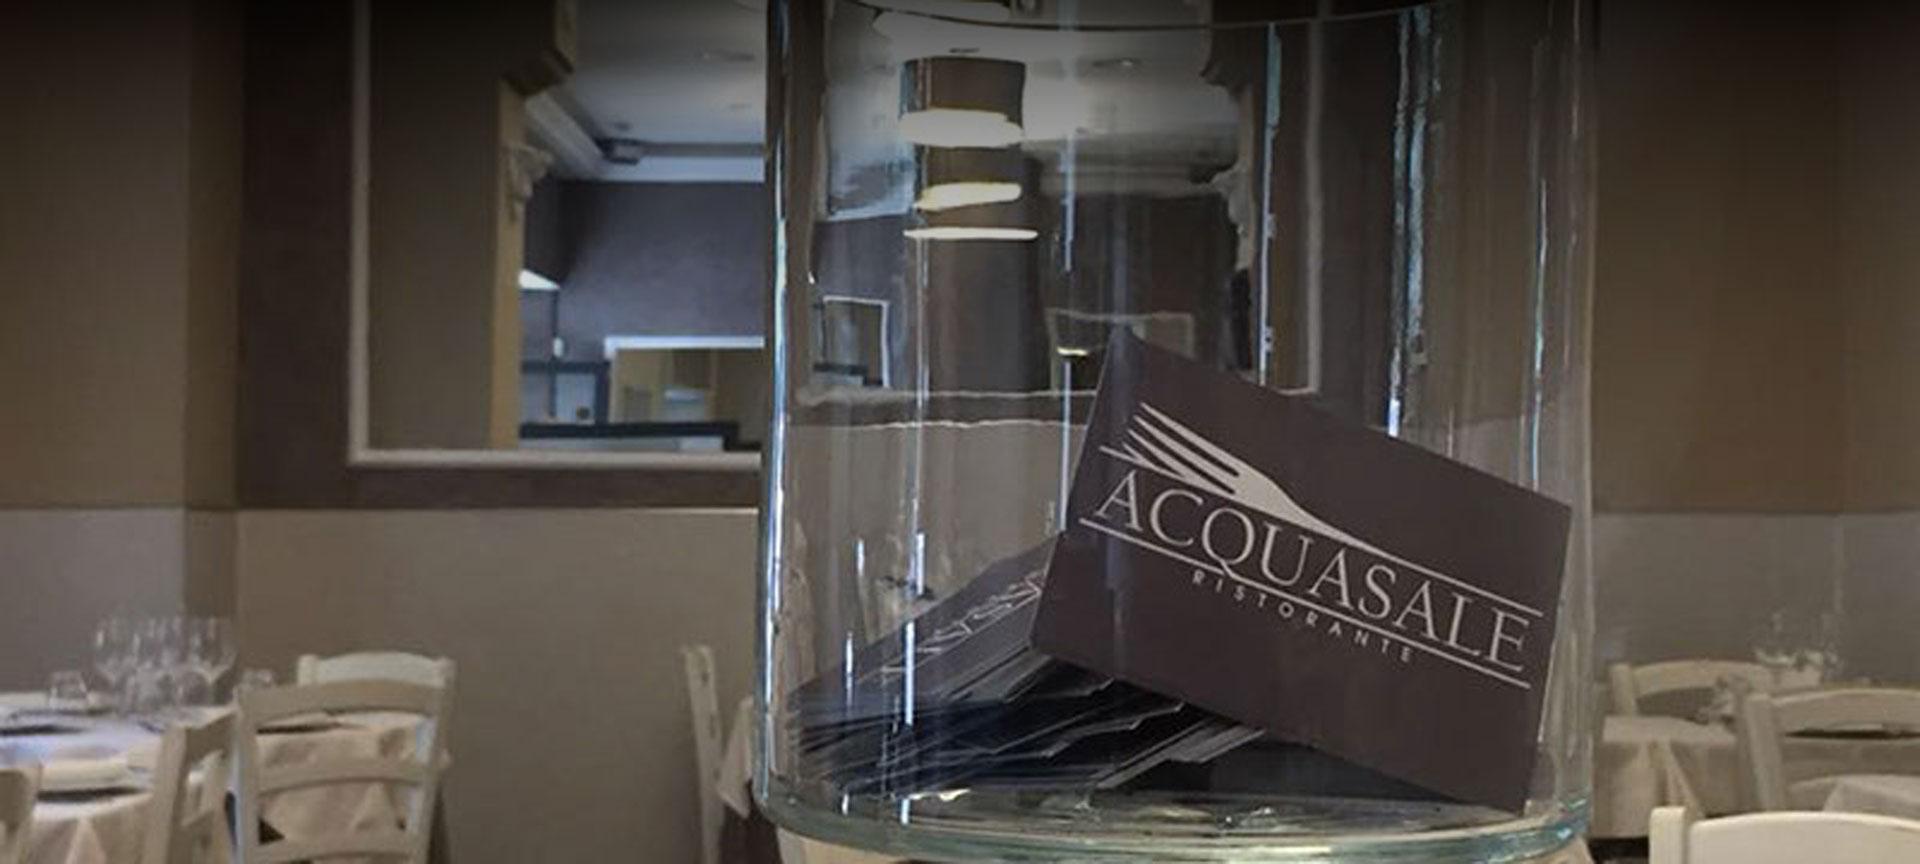 acquasale_ristorante-informazioni